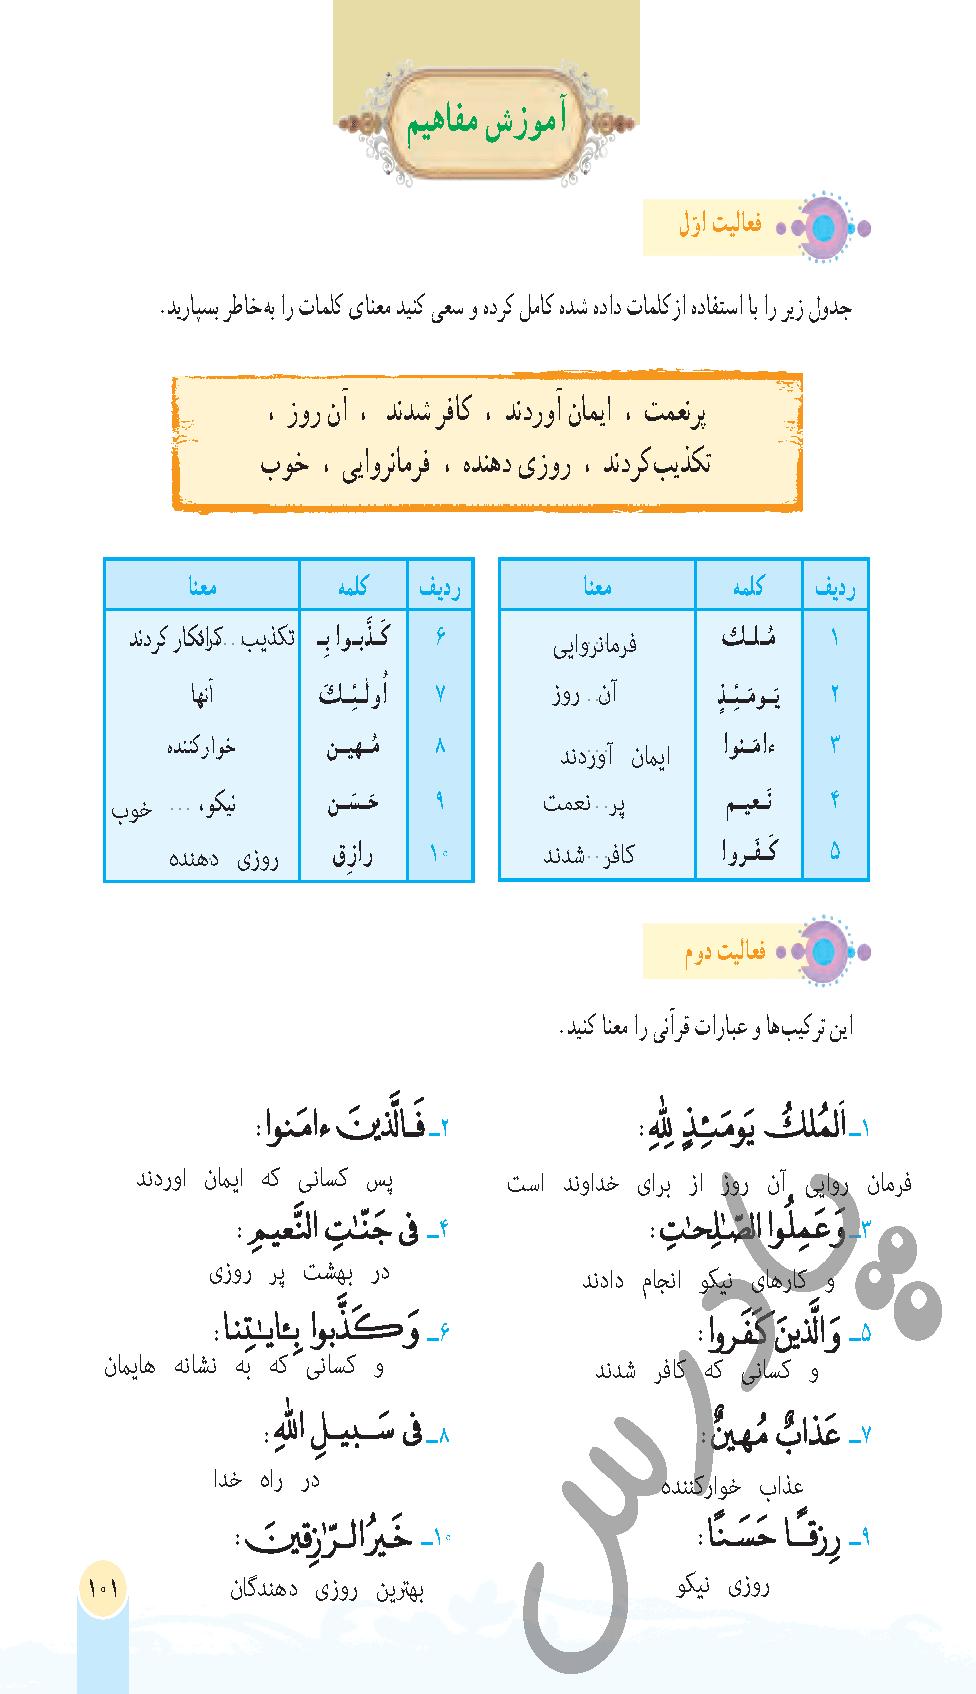 پاسخ فعالیت درس11 قرآن هفتم - جلسه دوم